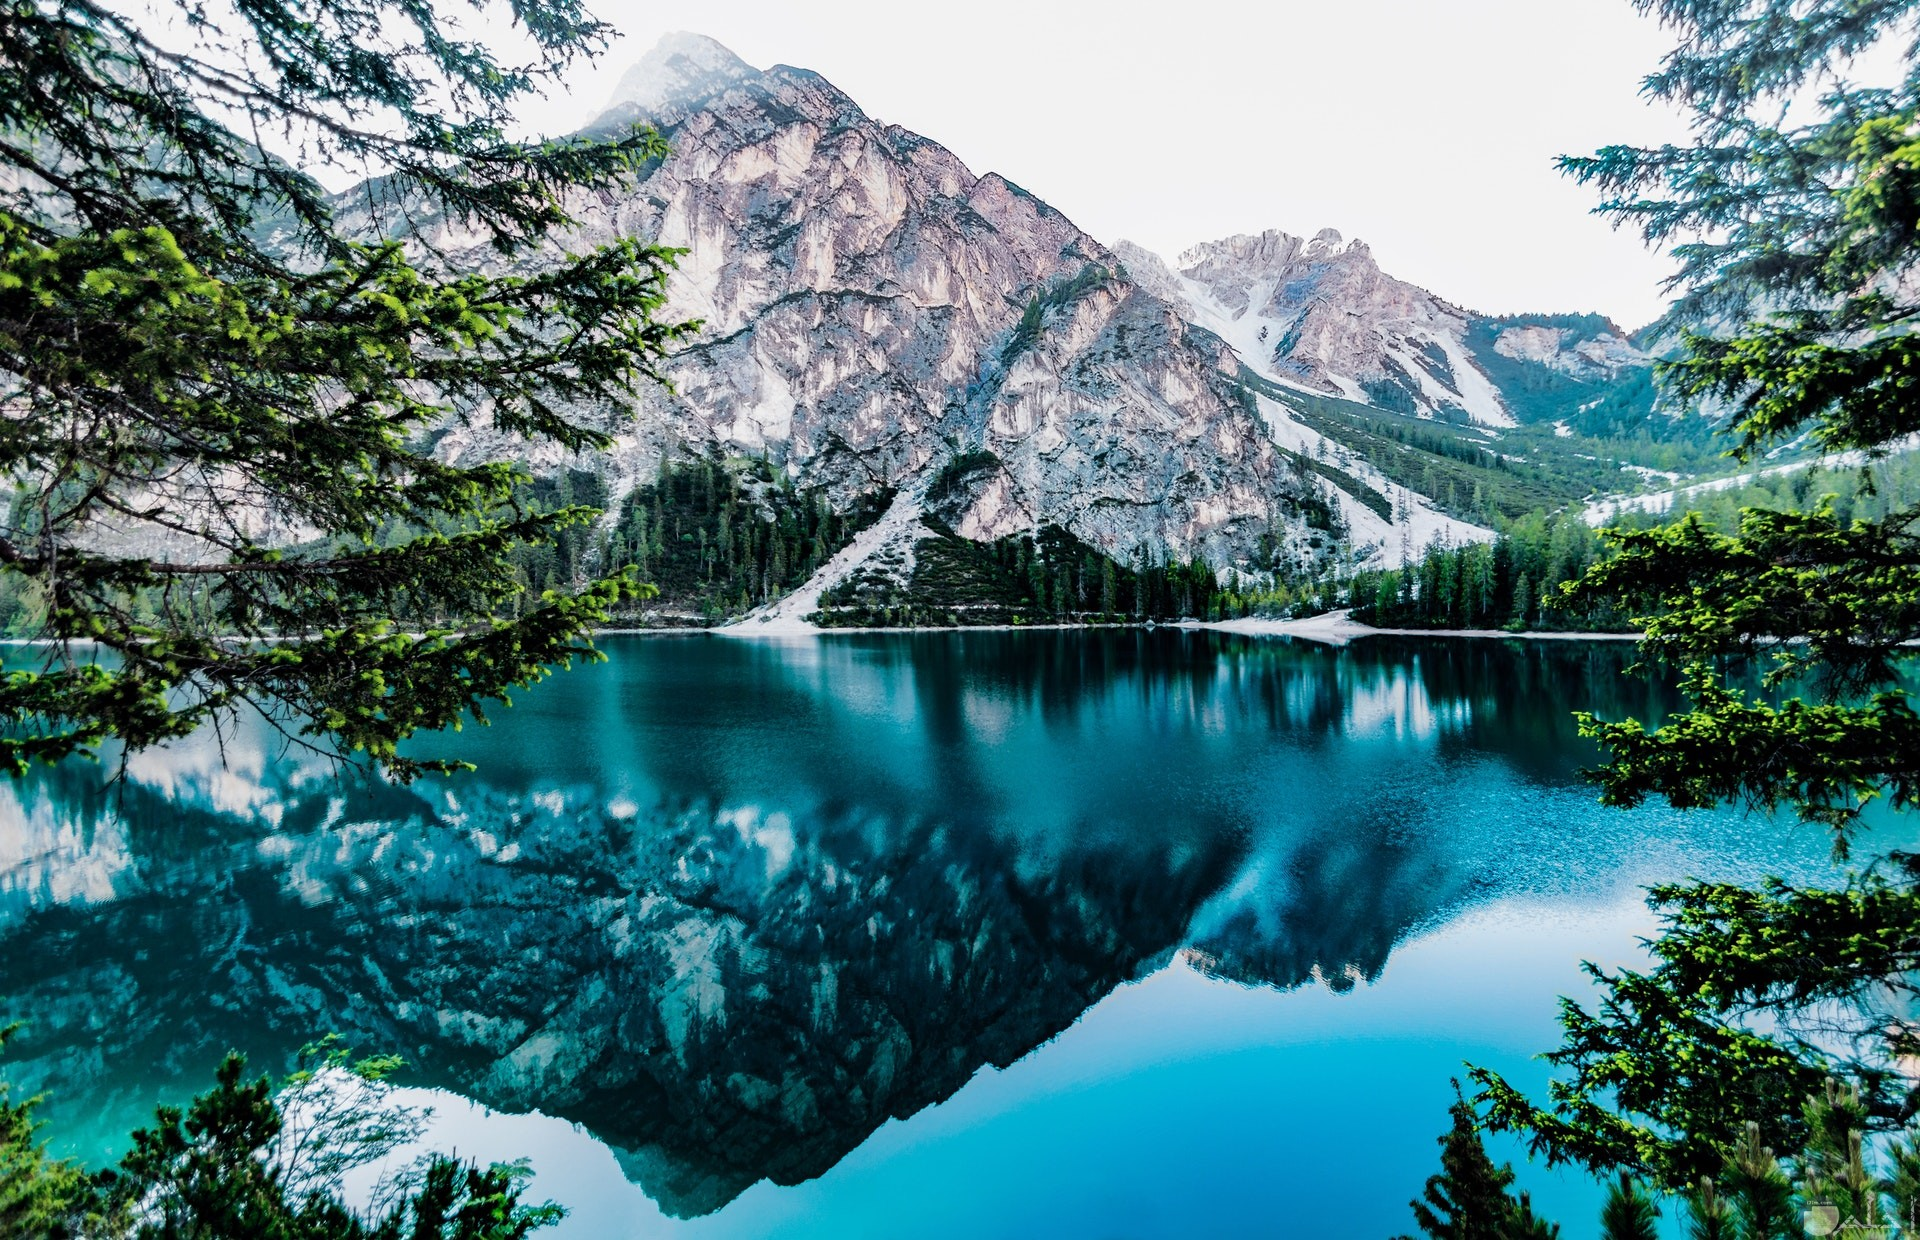 صورة جميلة ومميزة للطبيعة تبرز روعة المناظر الطبيعية